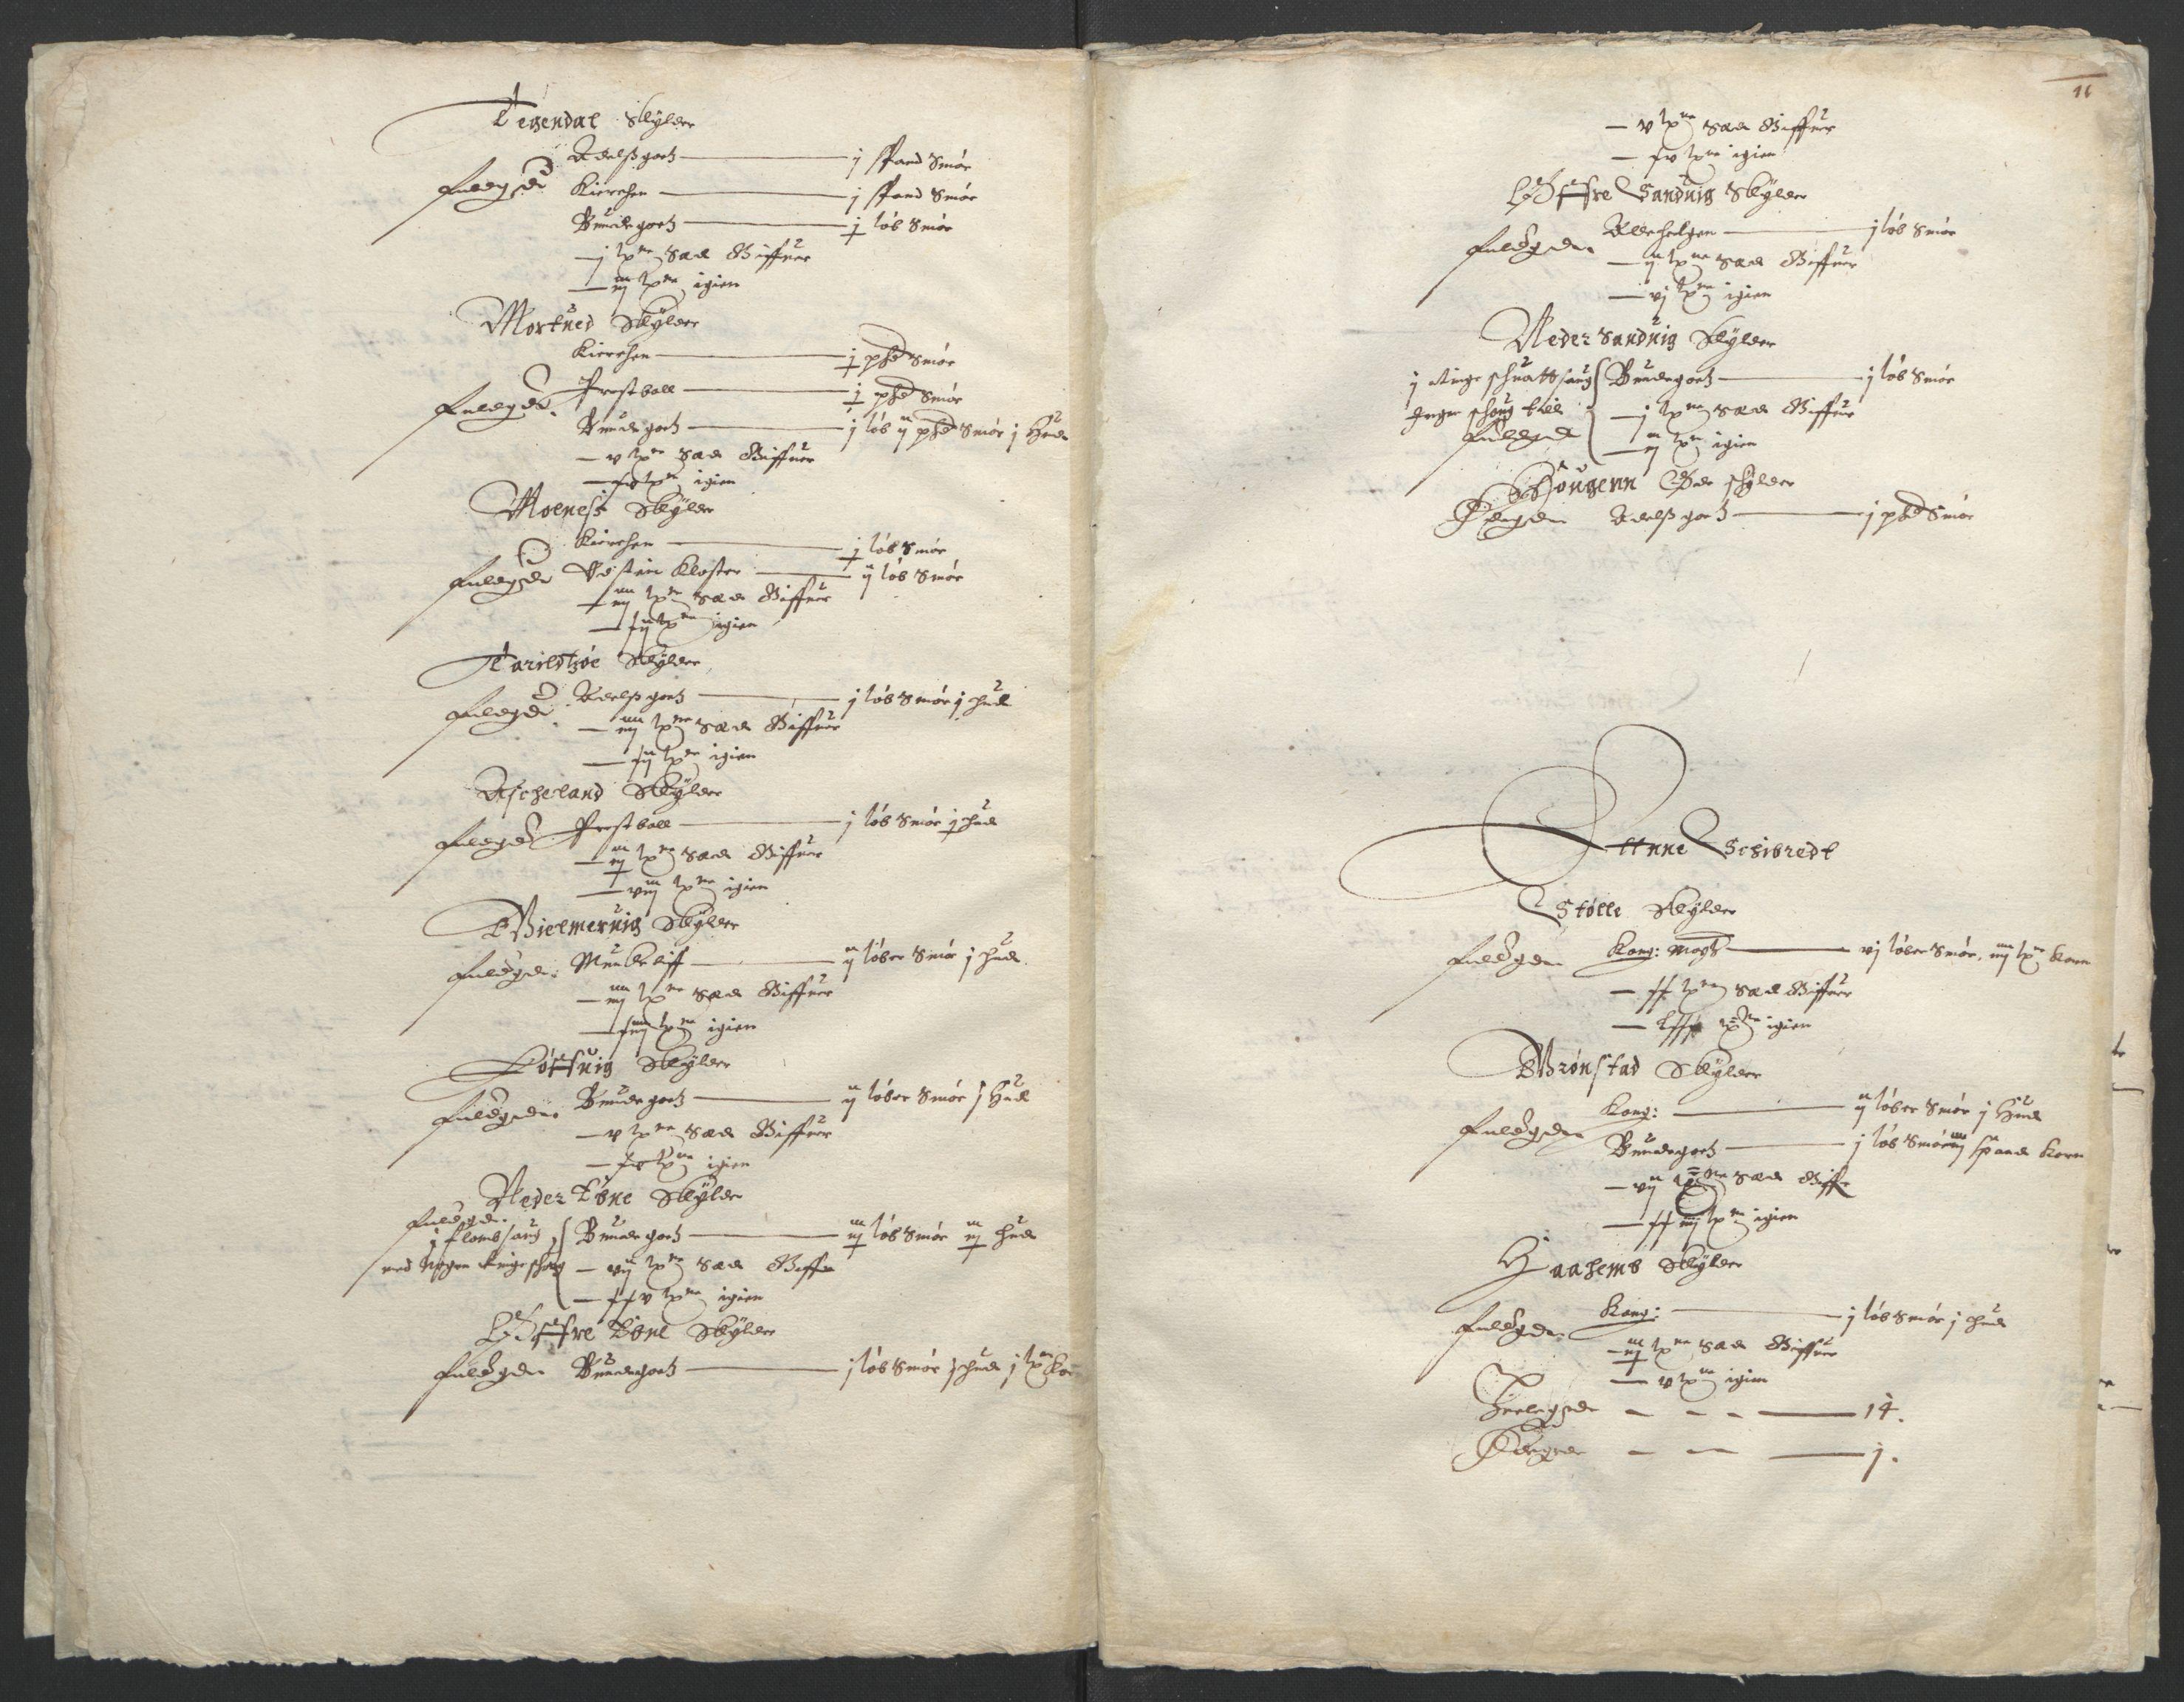 RA, Stattholderembetet 1572-1771, Ek/L0004: Jordebøker til utlikning av garnisonsskatt 1624-1626:, 1626, s. 15